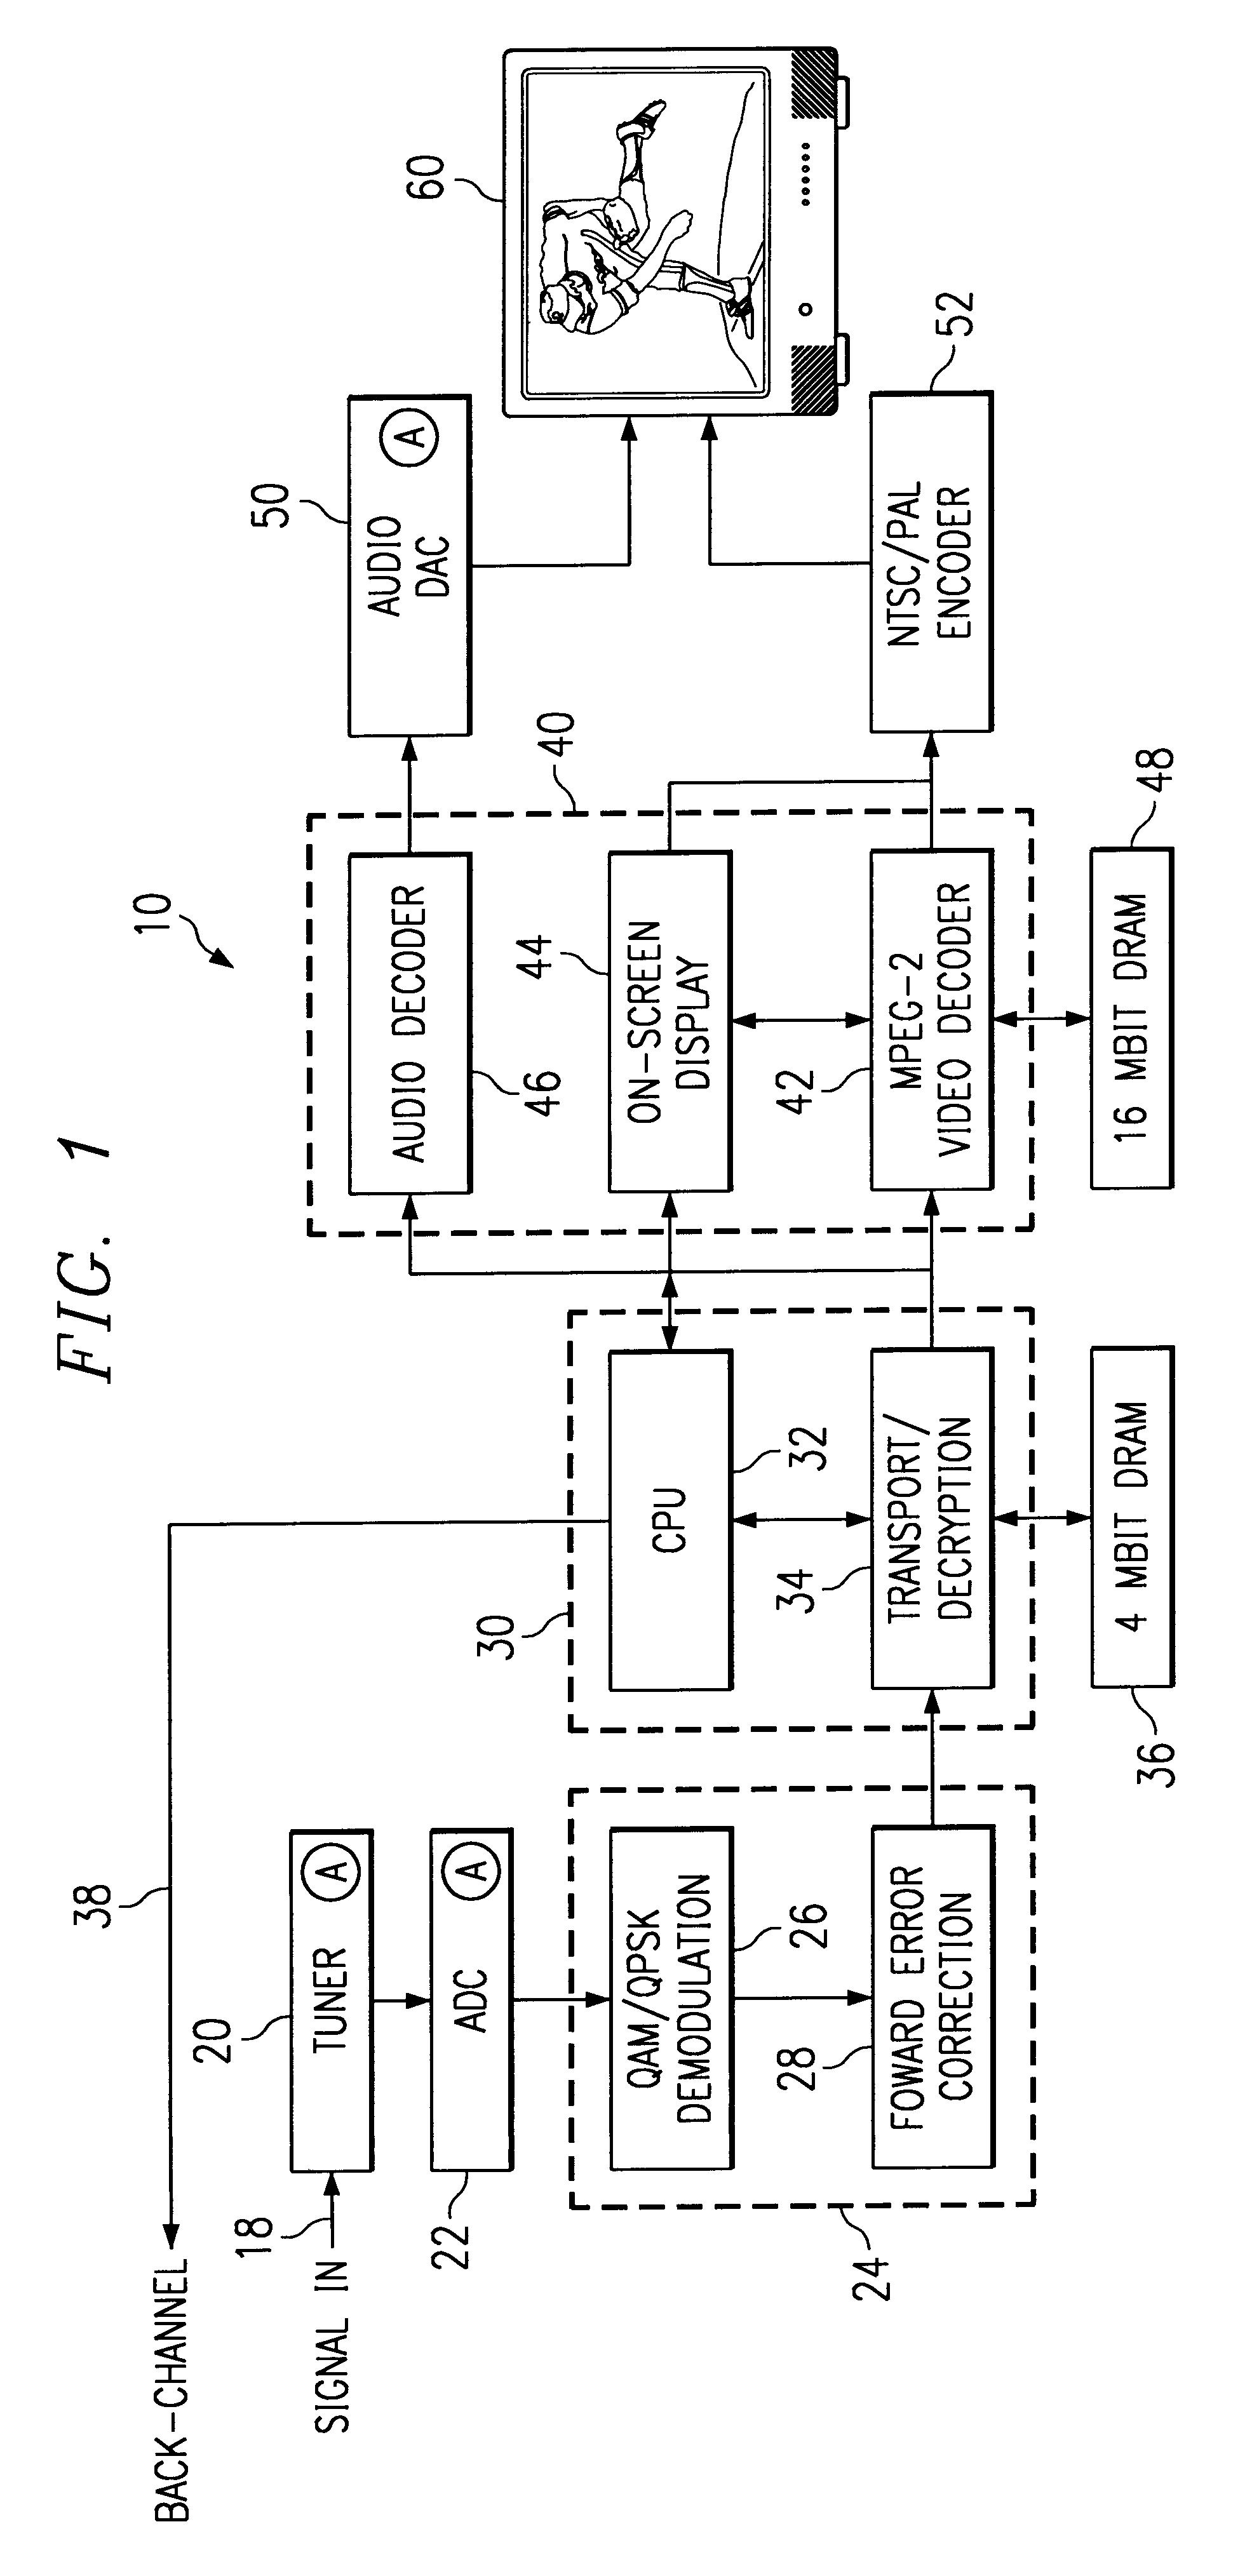 patent us6230270